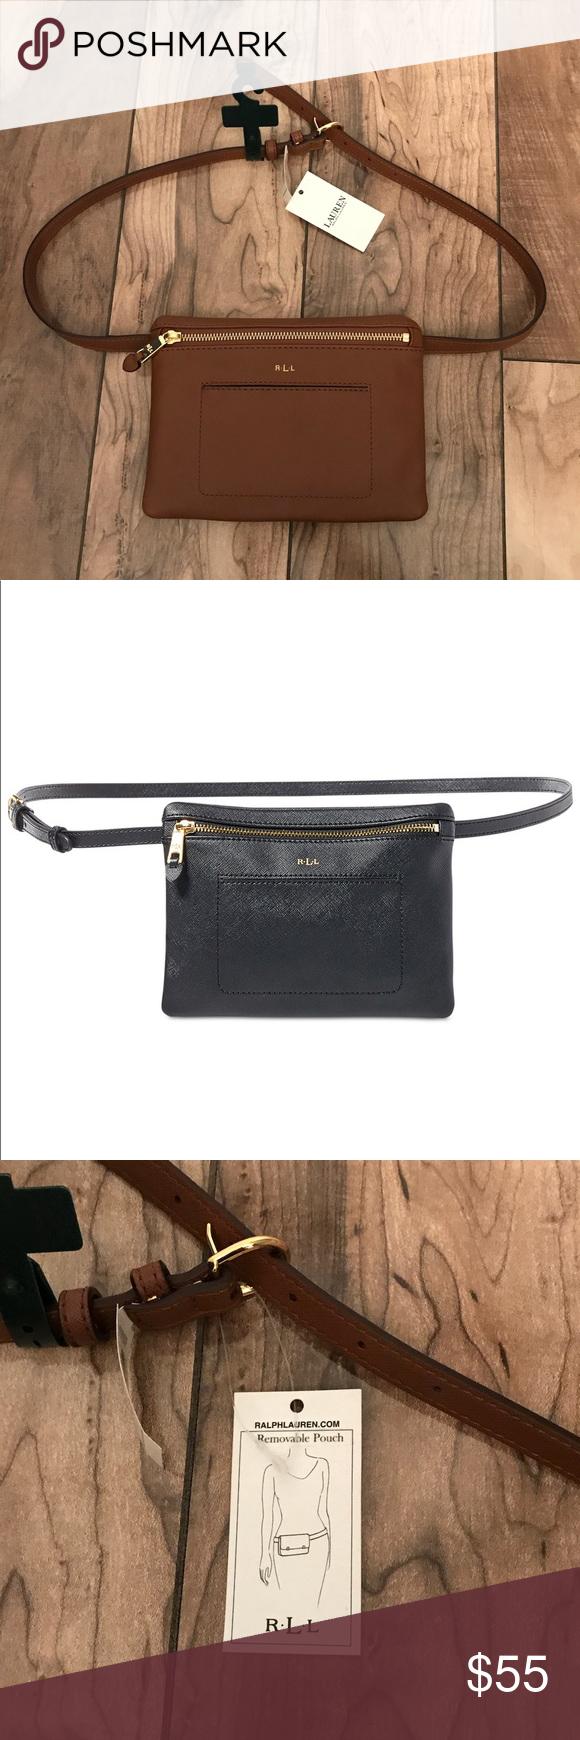 f4831a488bb Lauren Ralph Lauren Winston Fanny Pack Faux leather belt bag is a ...